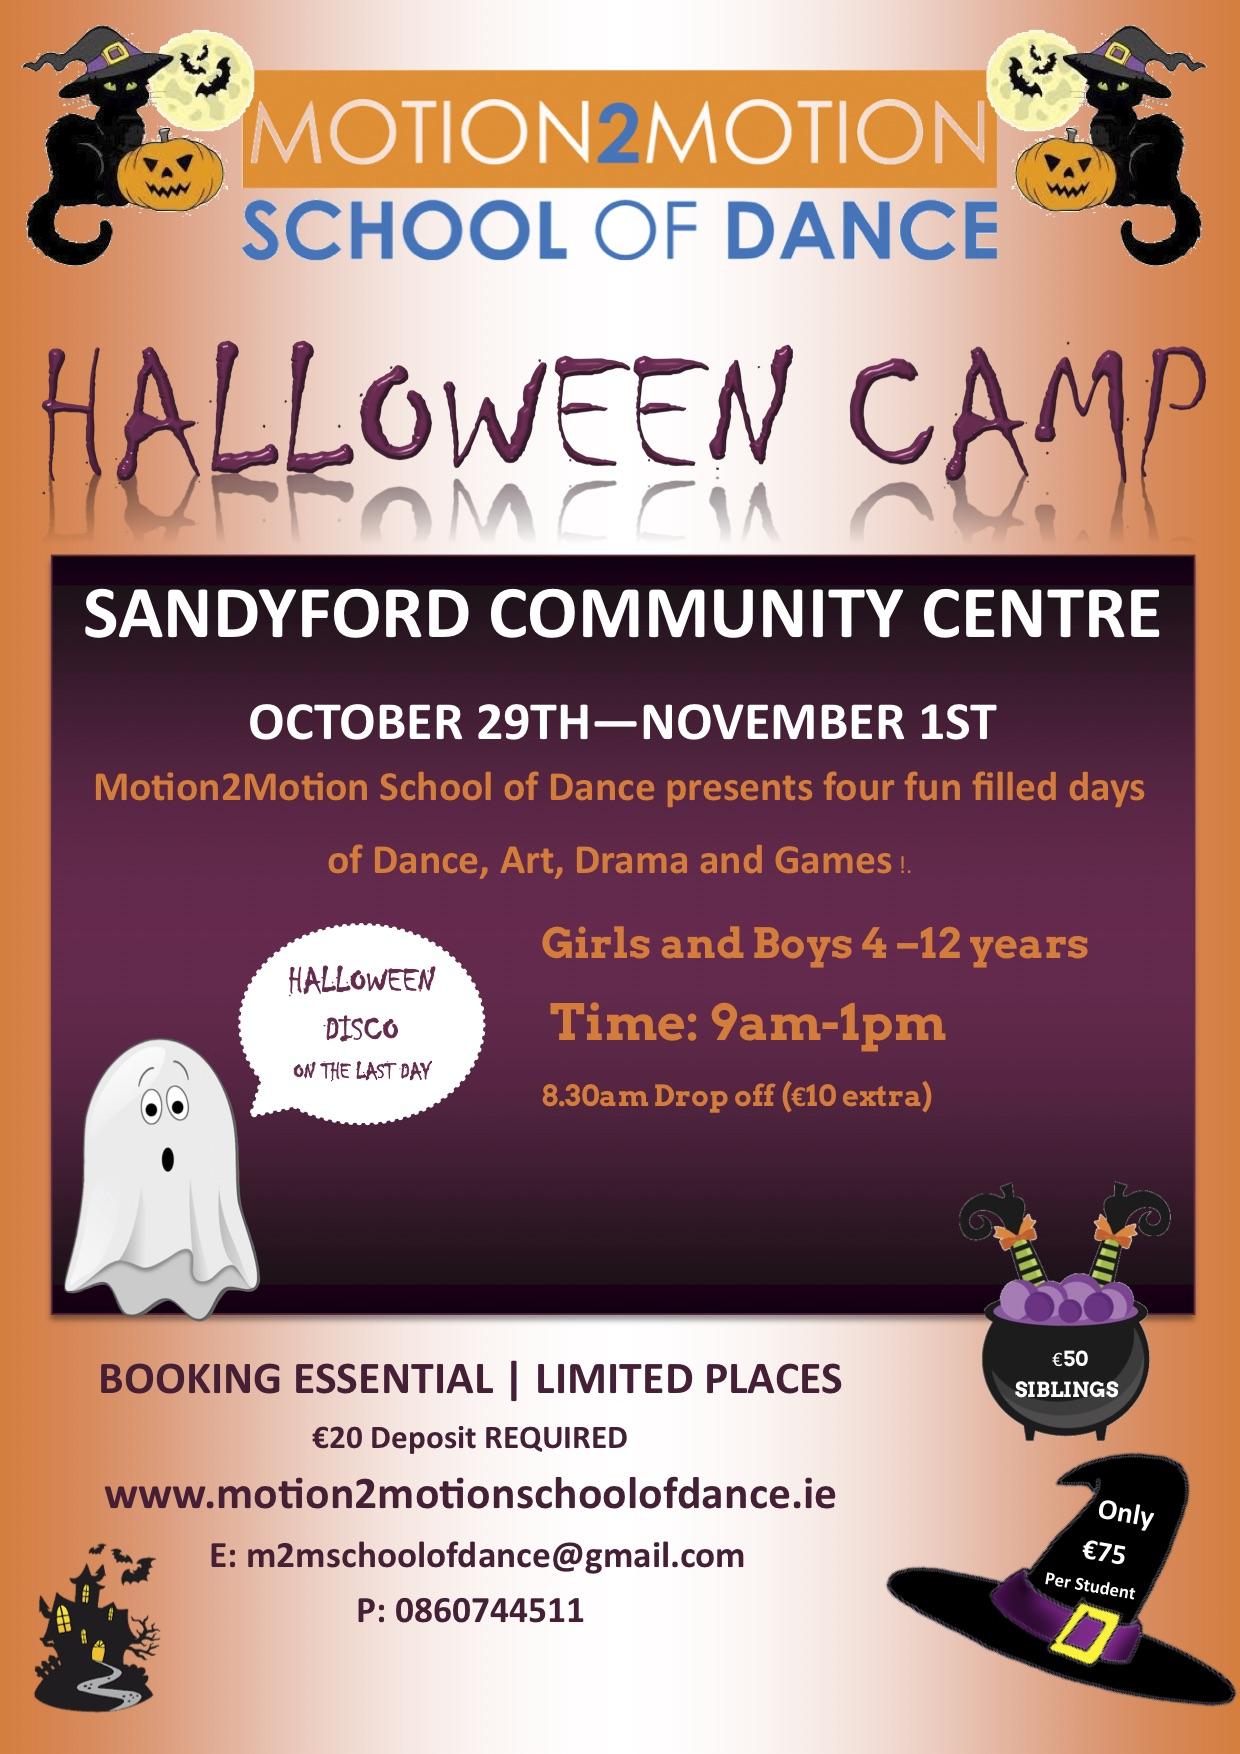 Halloween Camp Flyer 2019